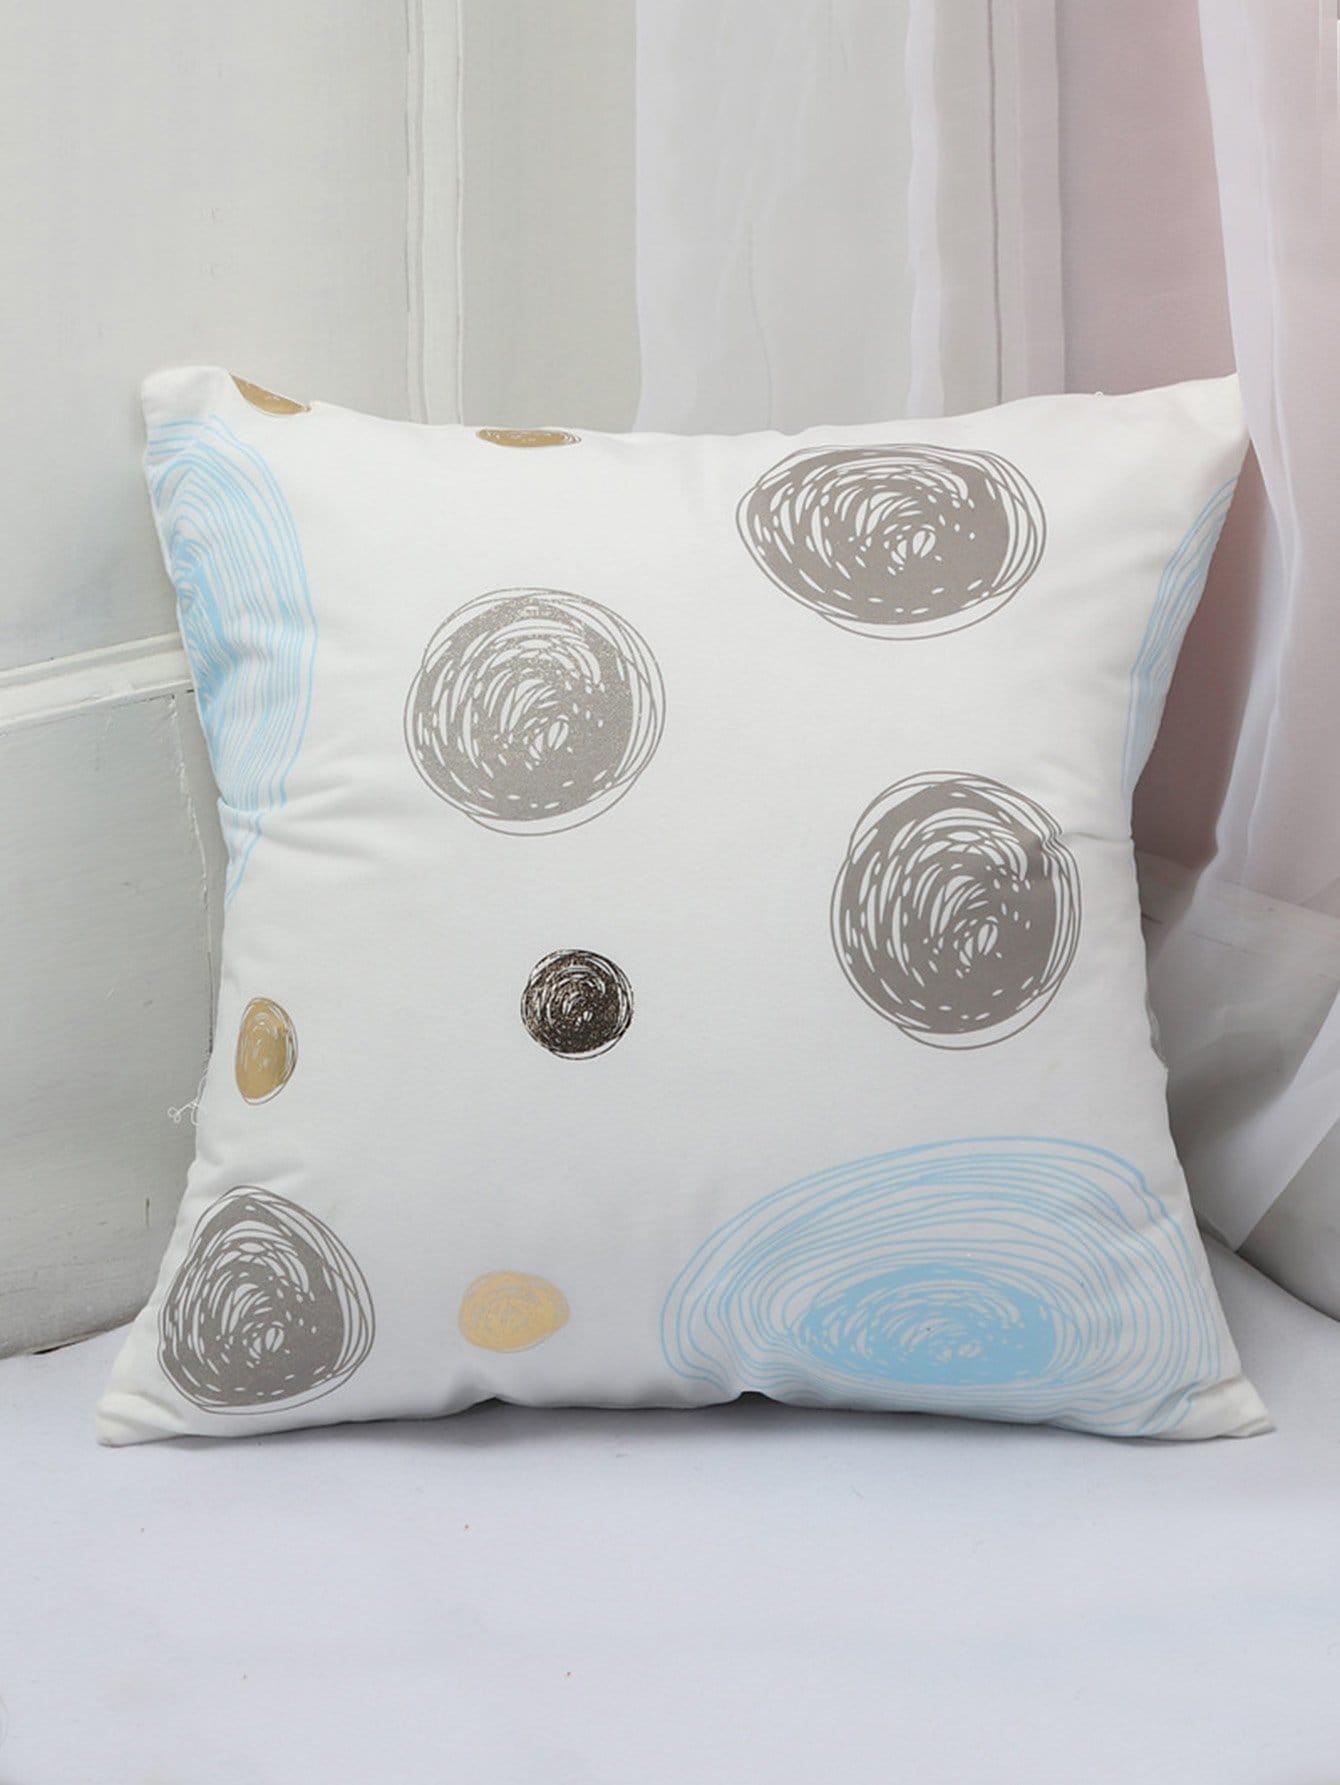 Graffiti Print Cushion Cover cartoon animal print cushion cover